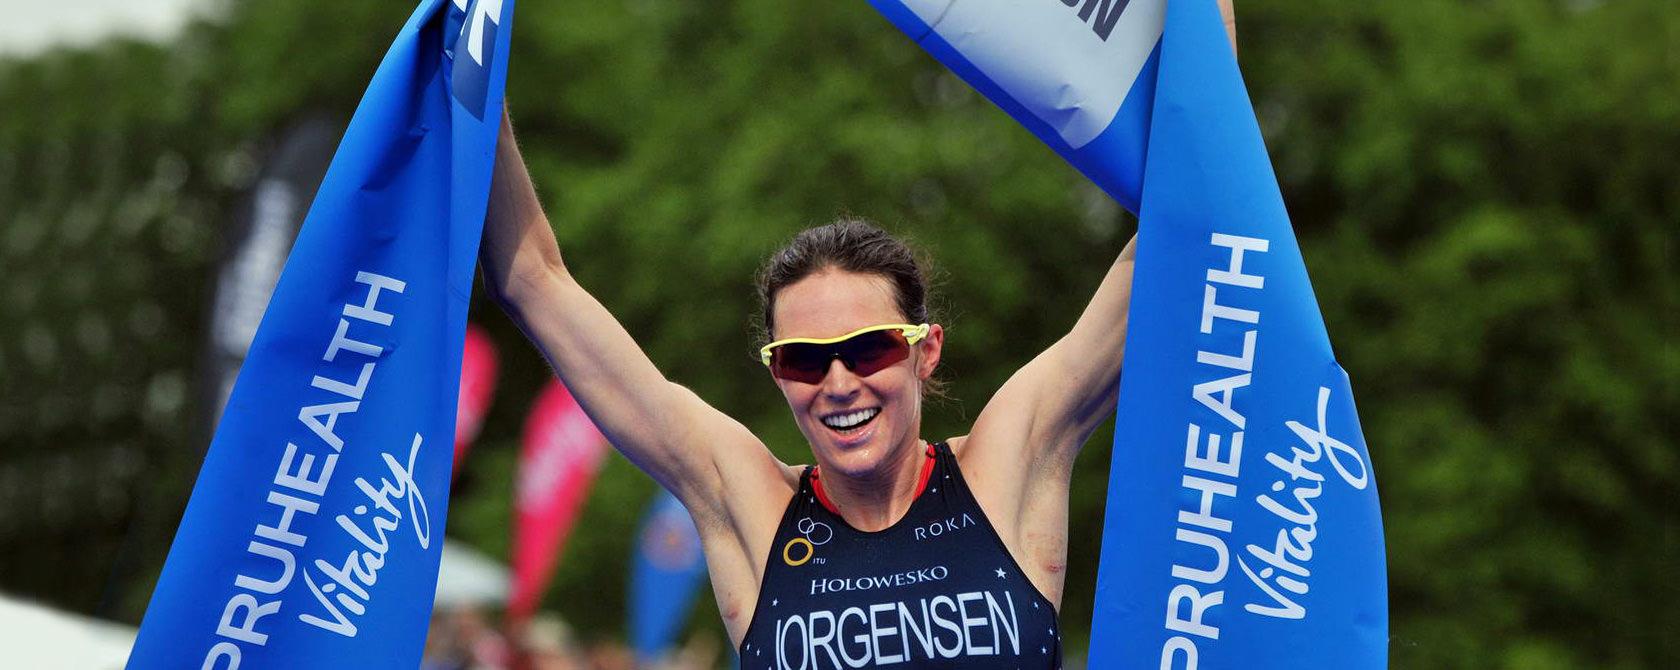 Gwen Jorgensen – World Champion Triathlete 2014